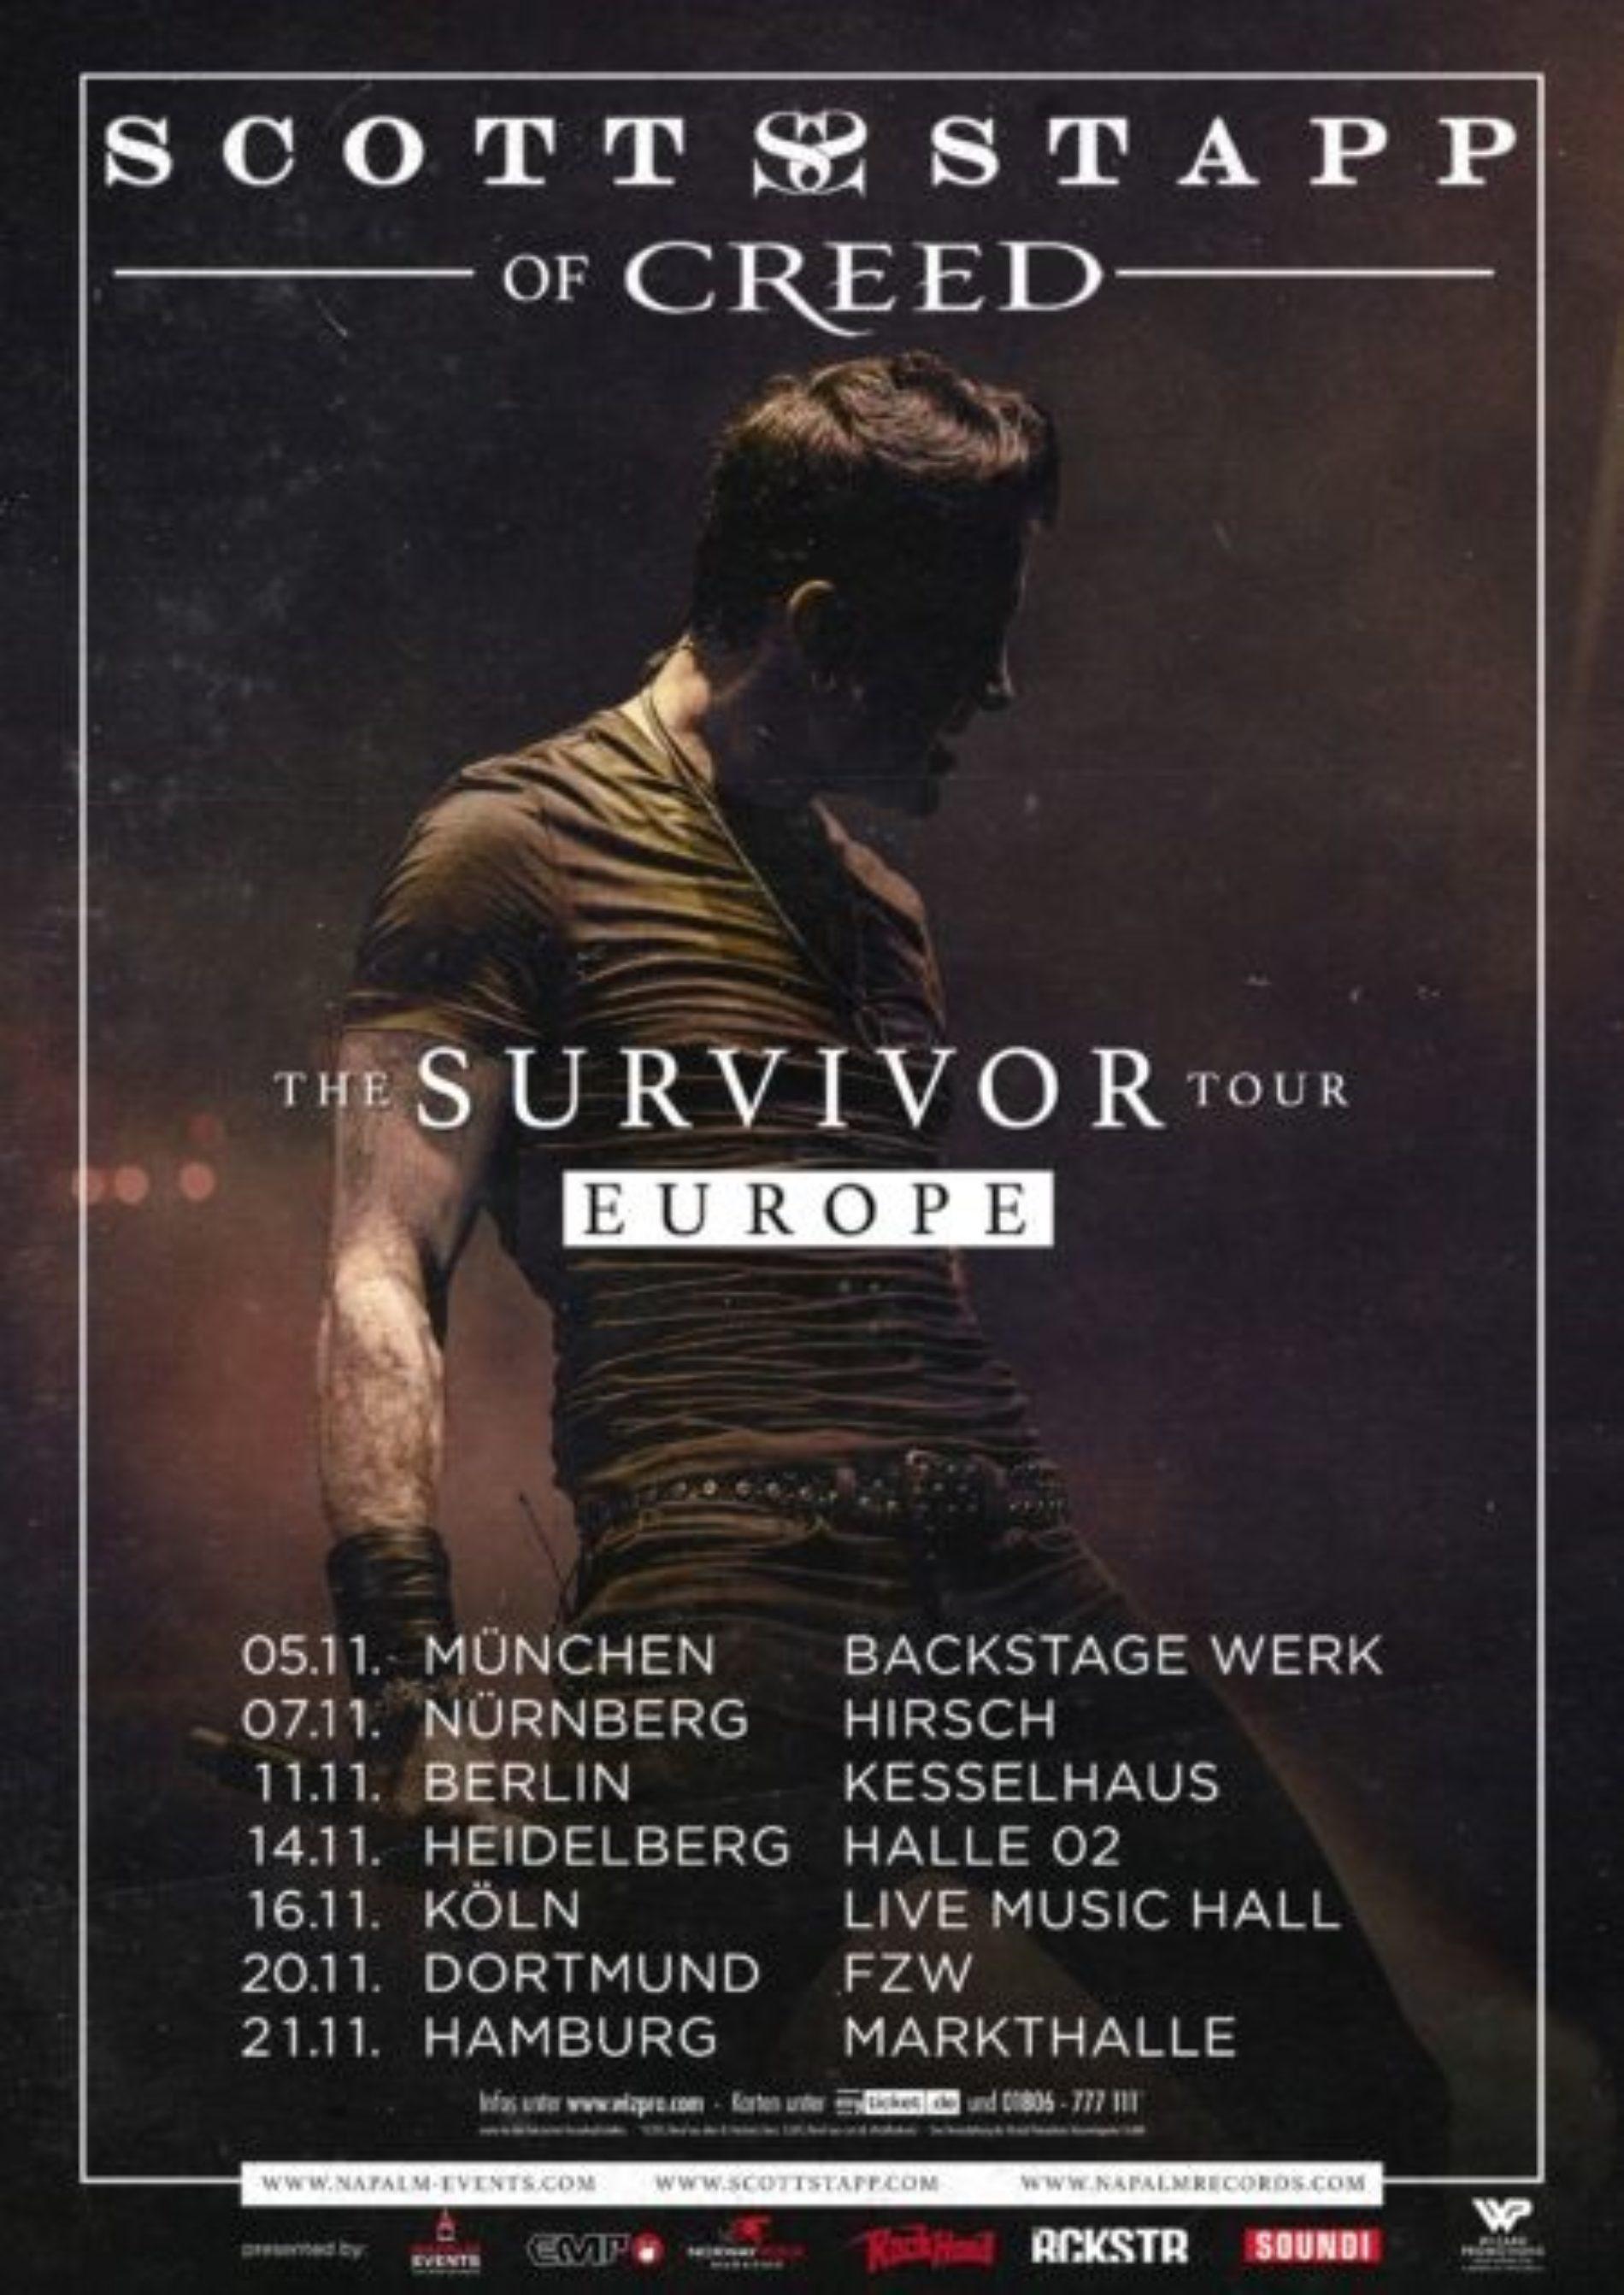 Scott Stapp von Creed kommt auf Tour